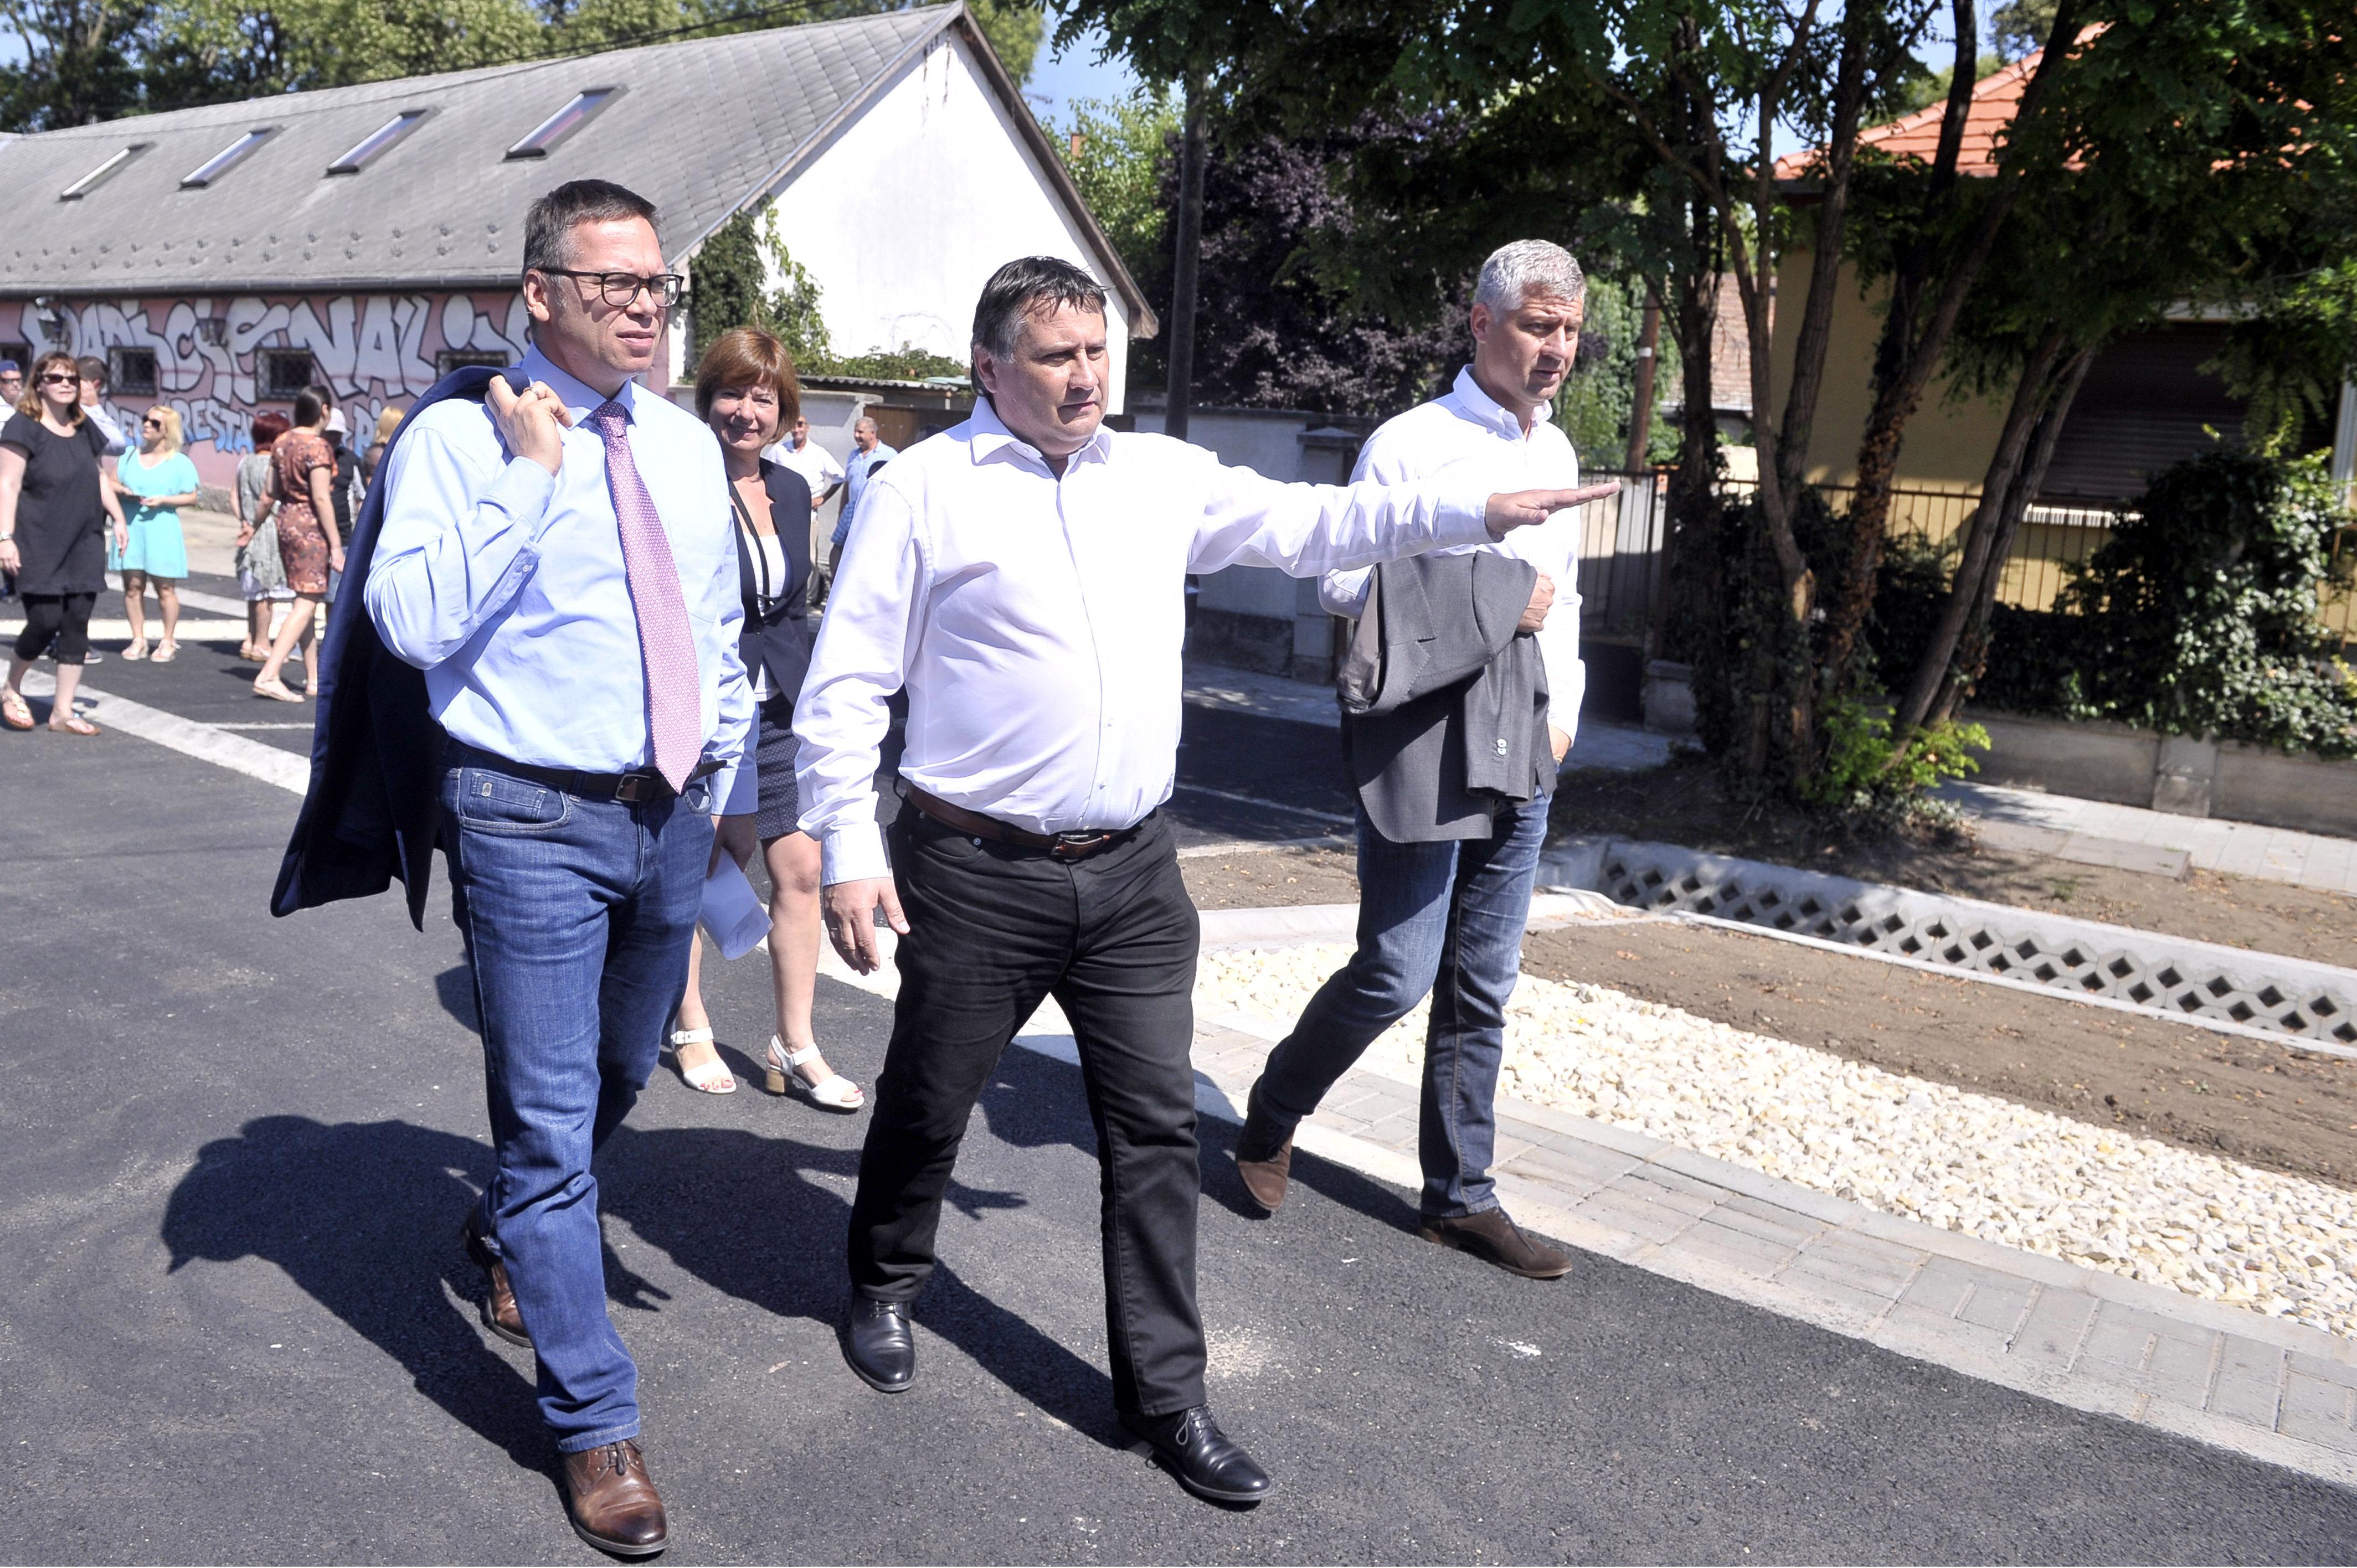 A pártja ötletét marhaságnak tartó polgármester szerint a Fideszben még senkit nem ért retorzió a véleményéért